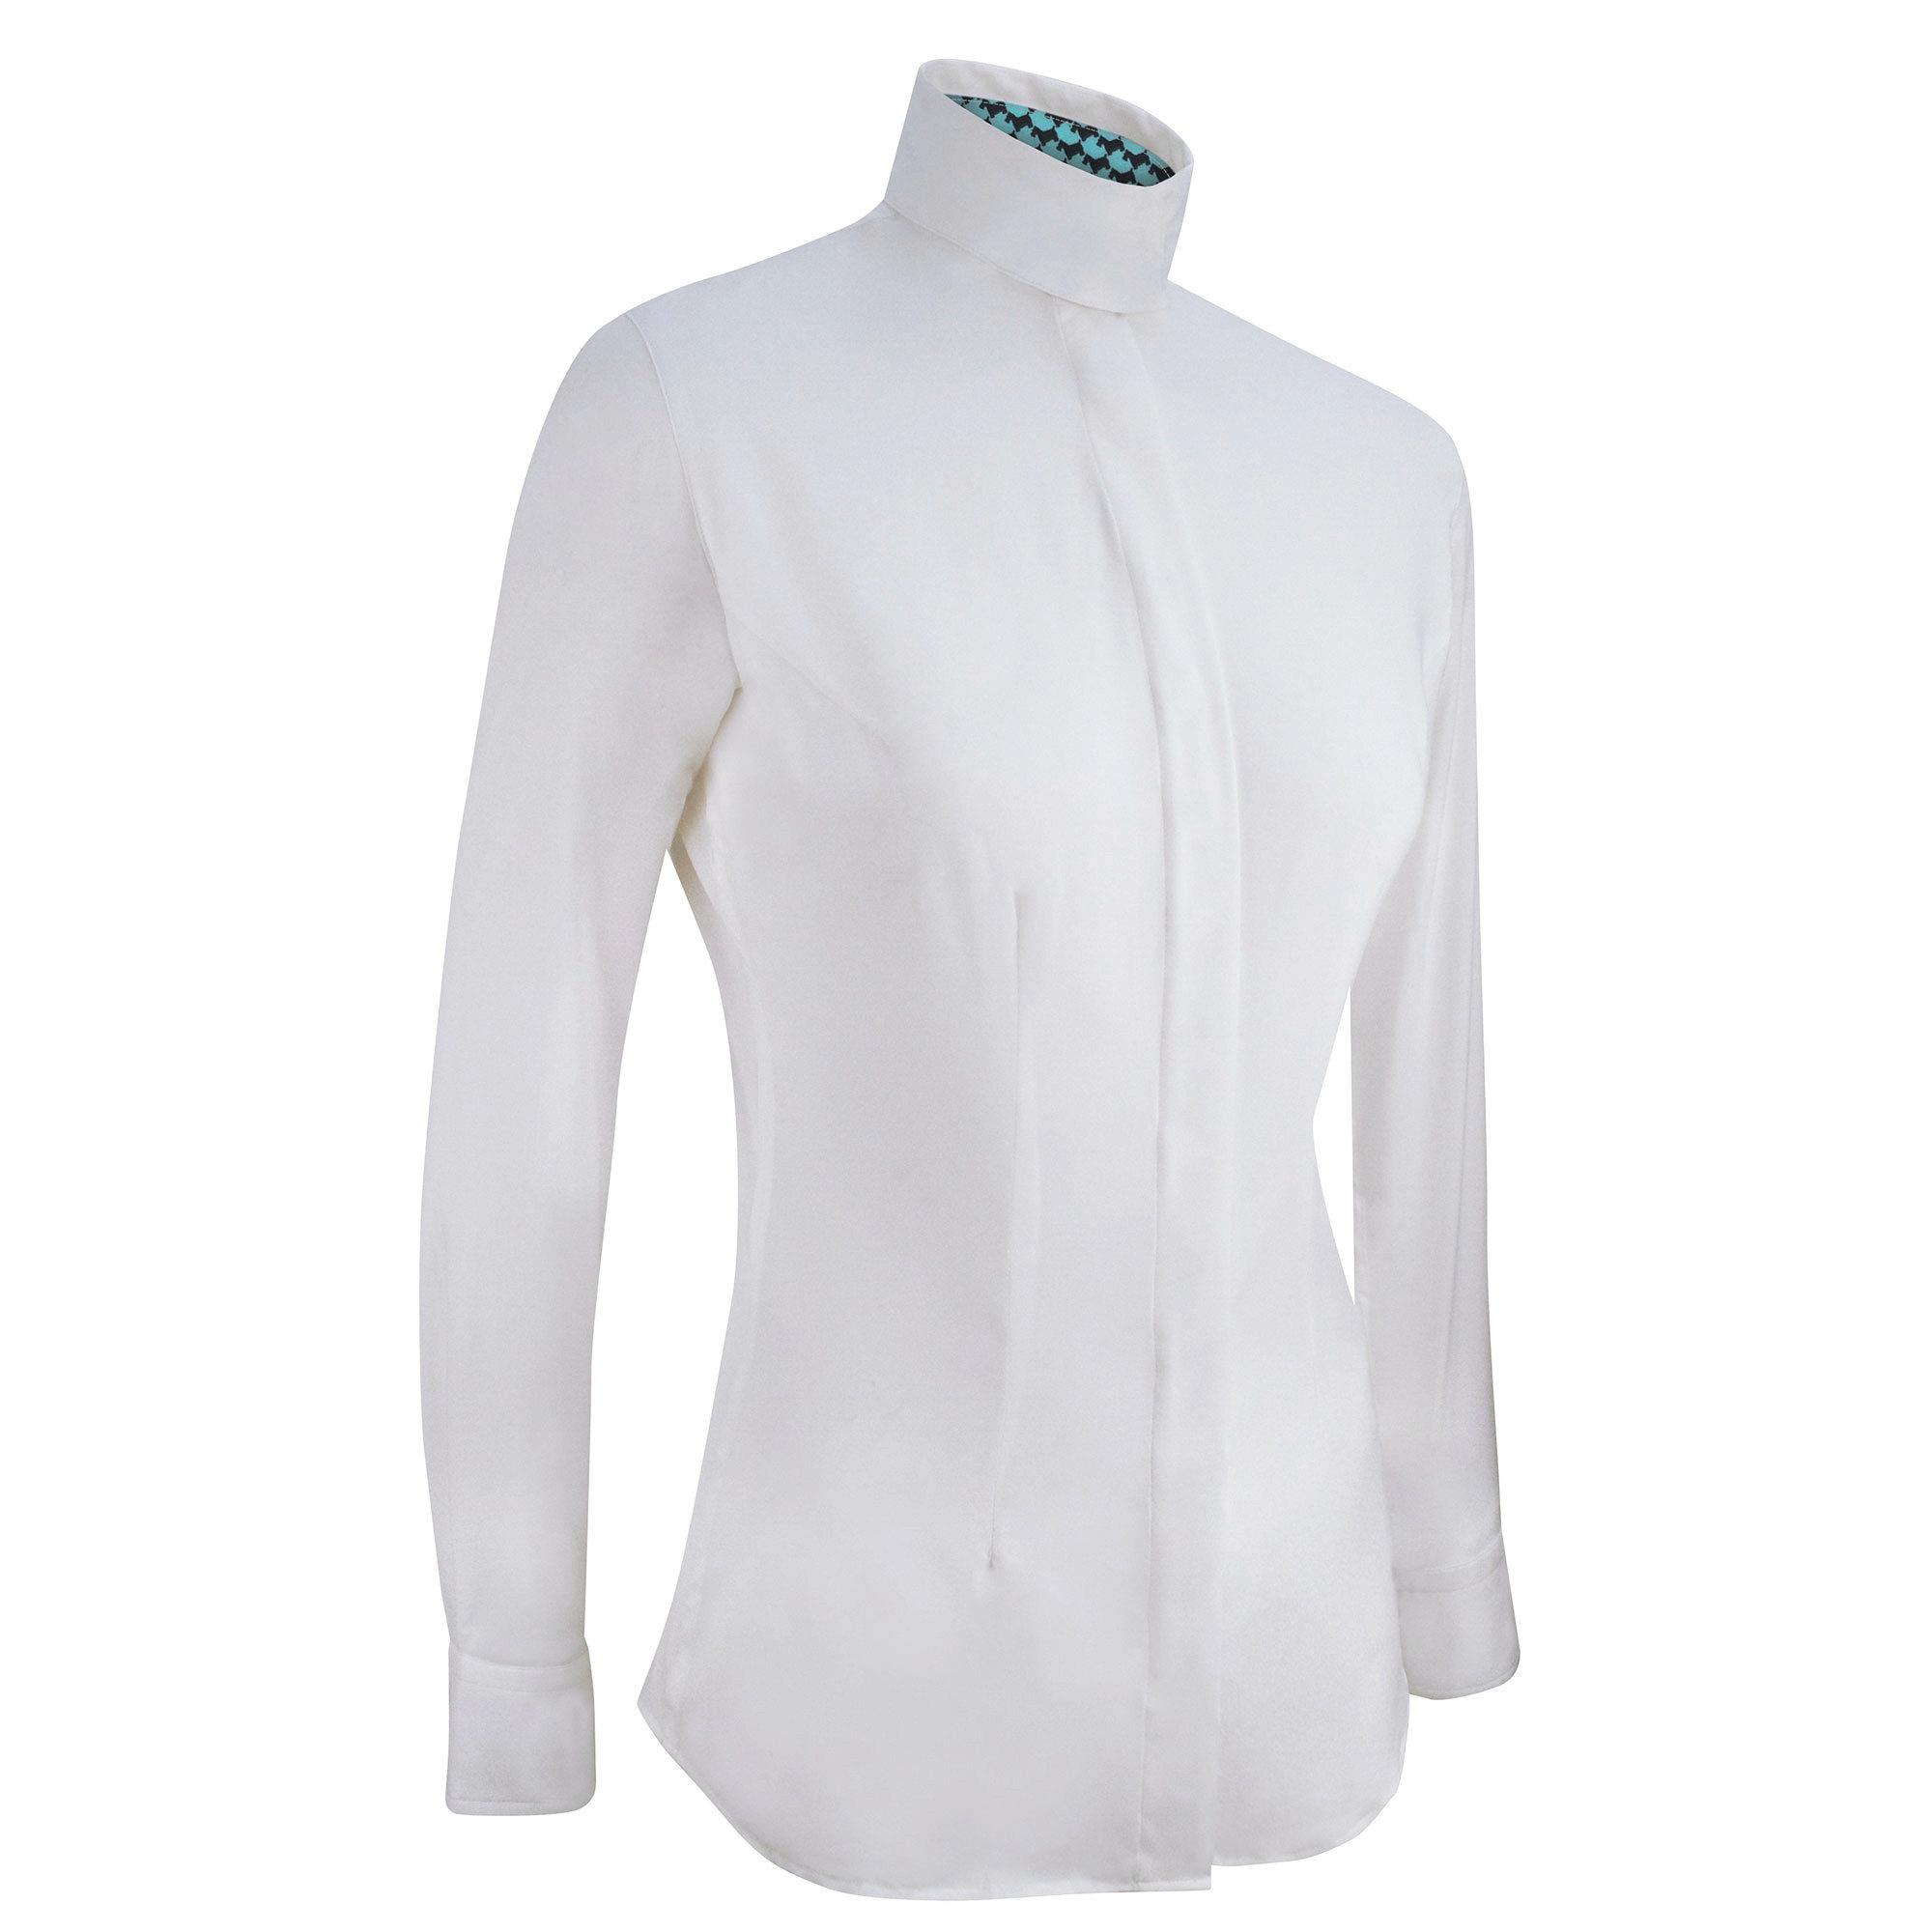 Irideon Kids' Arena Show Patterned Cuff Shirt - Scotties